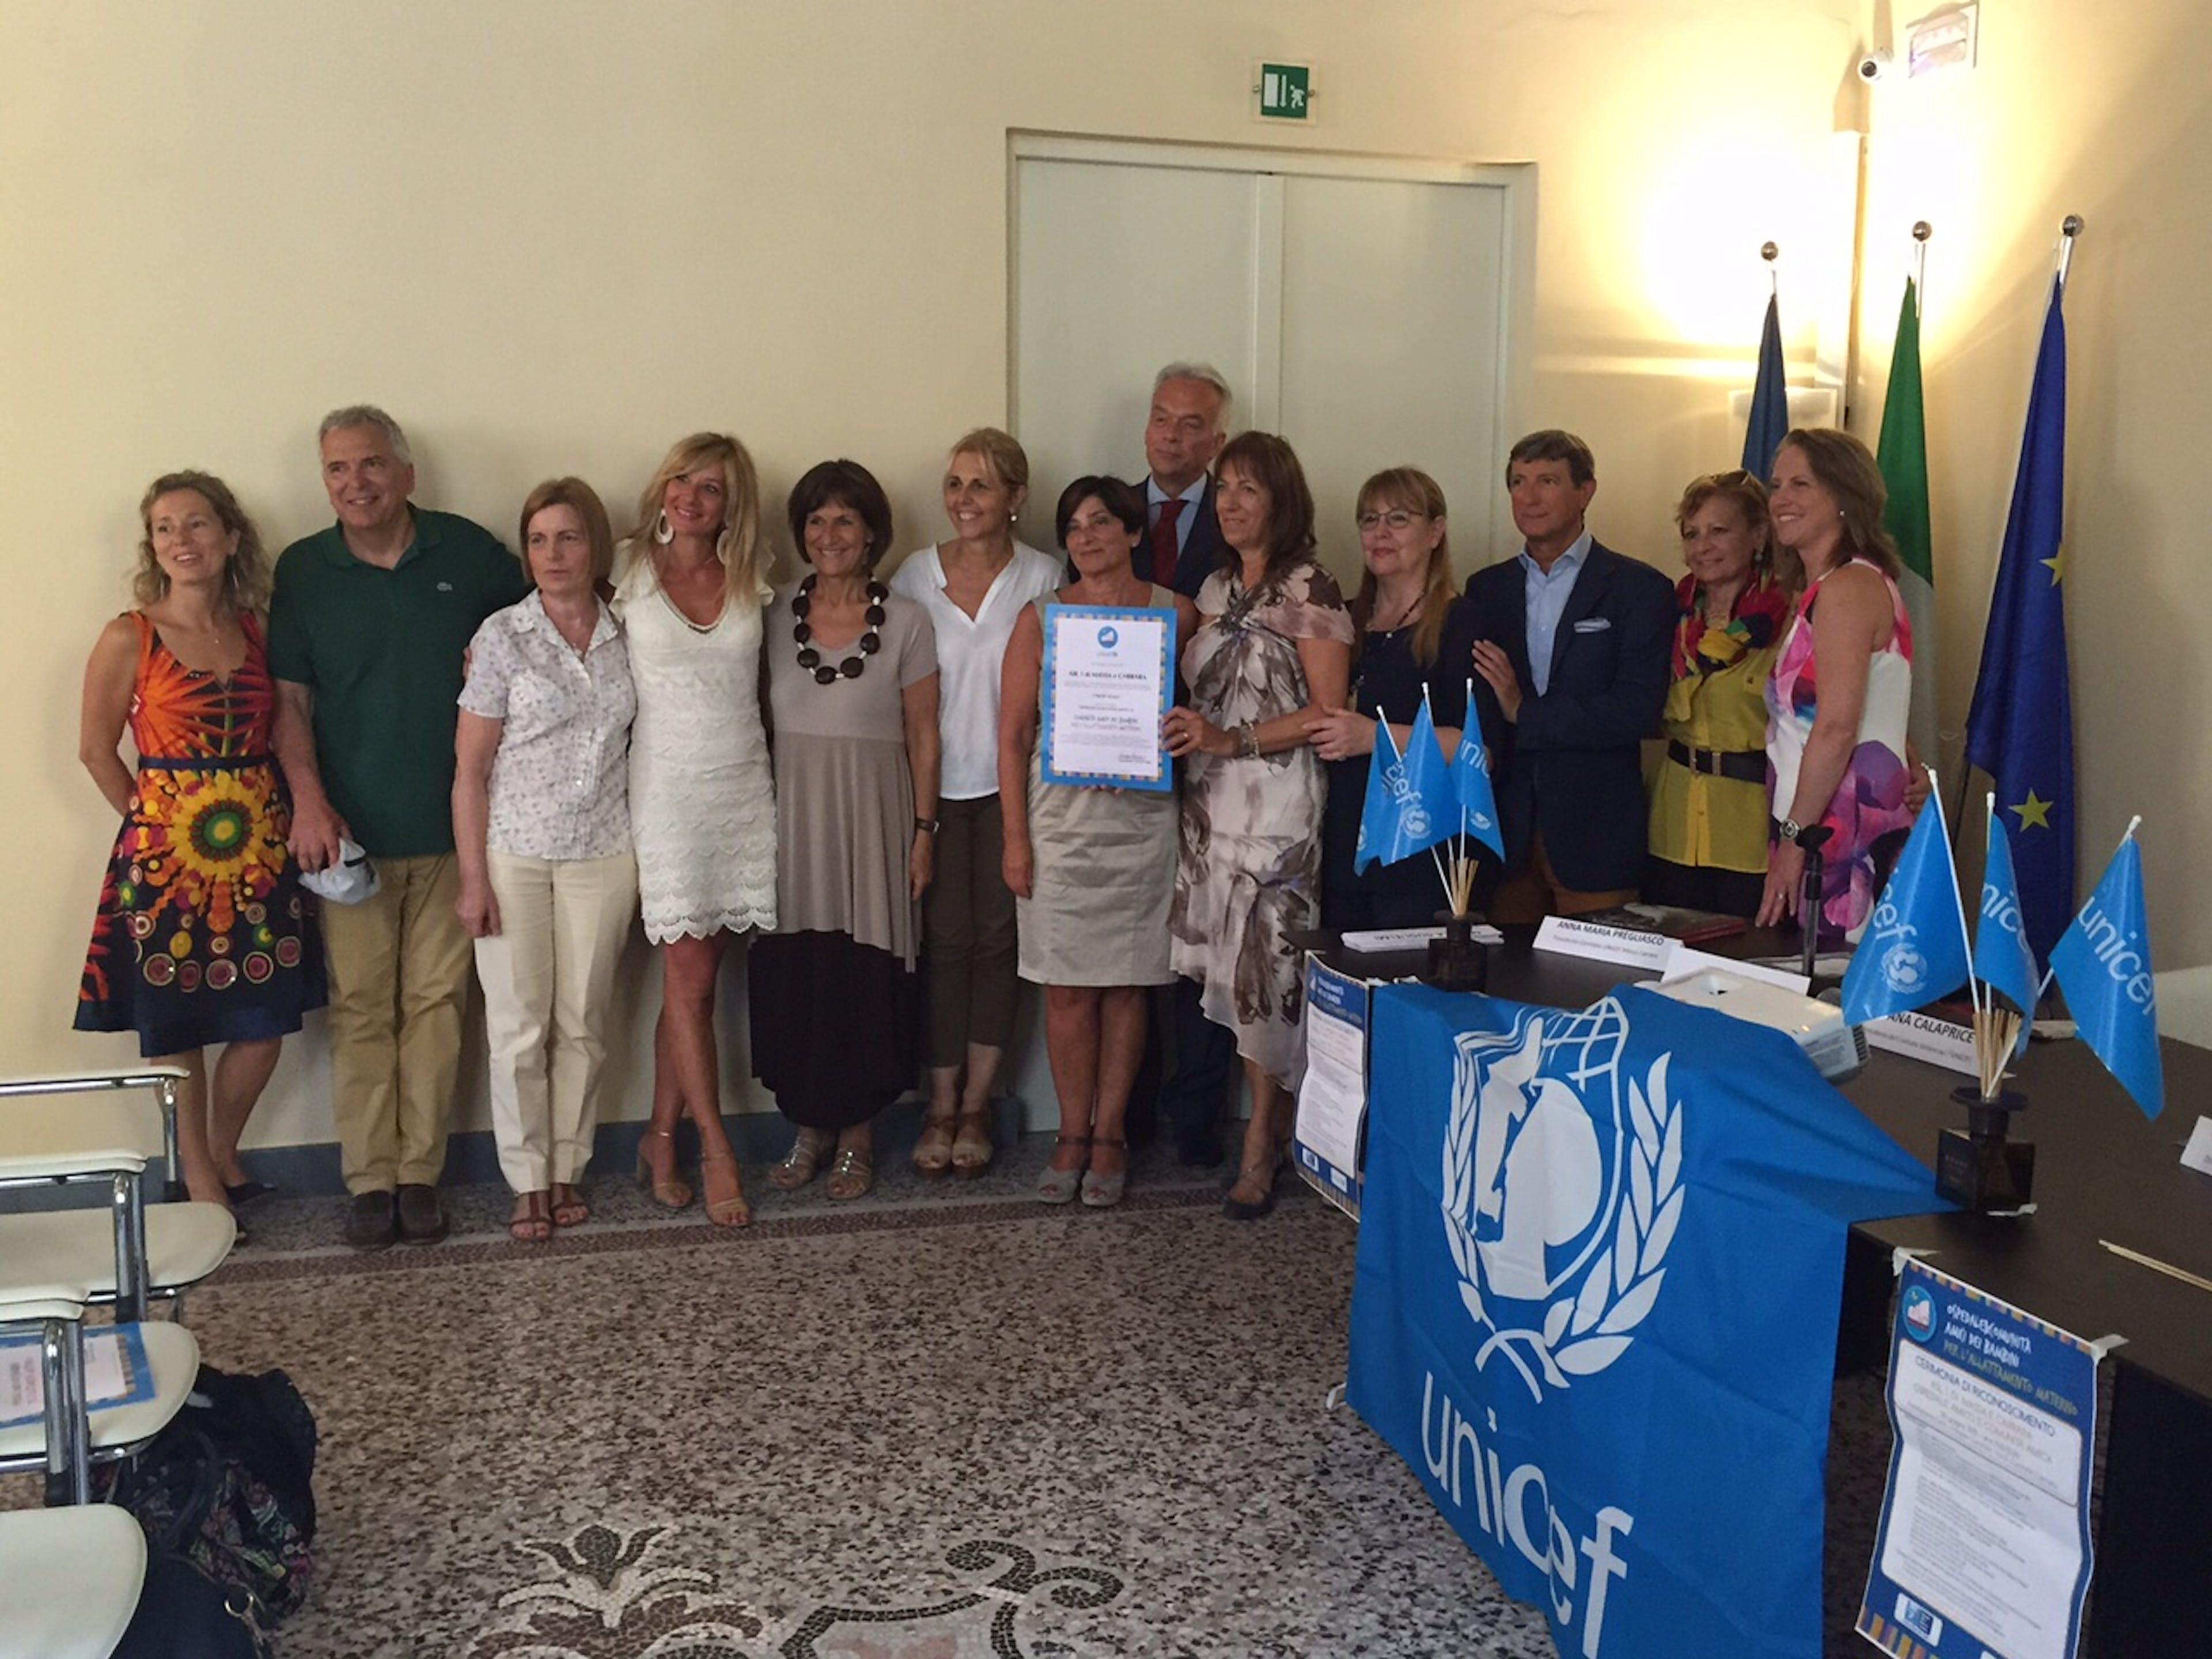 Lo staff della ASL 1 e dell'Ospedale di Massa e Carrara durante la cerimonia di riconoscimento quali